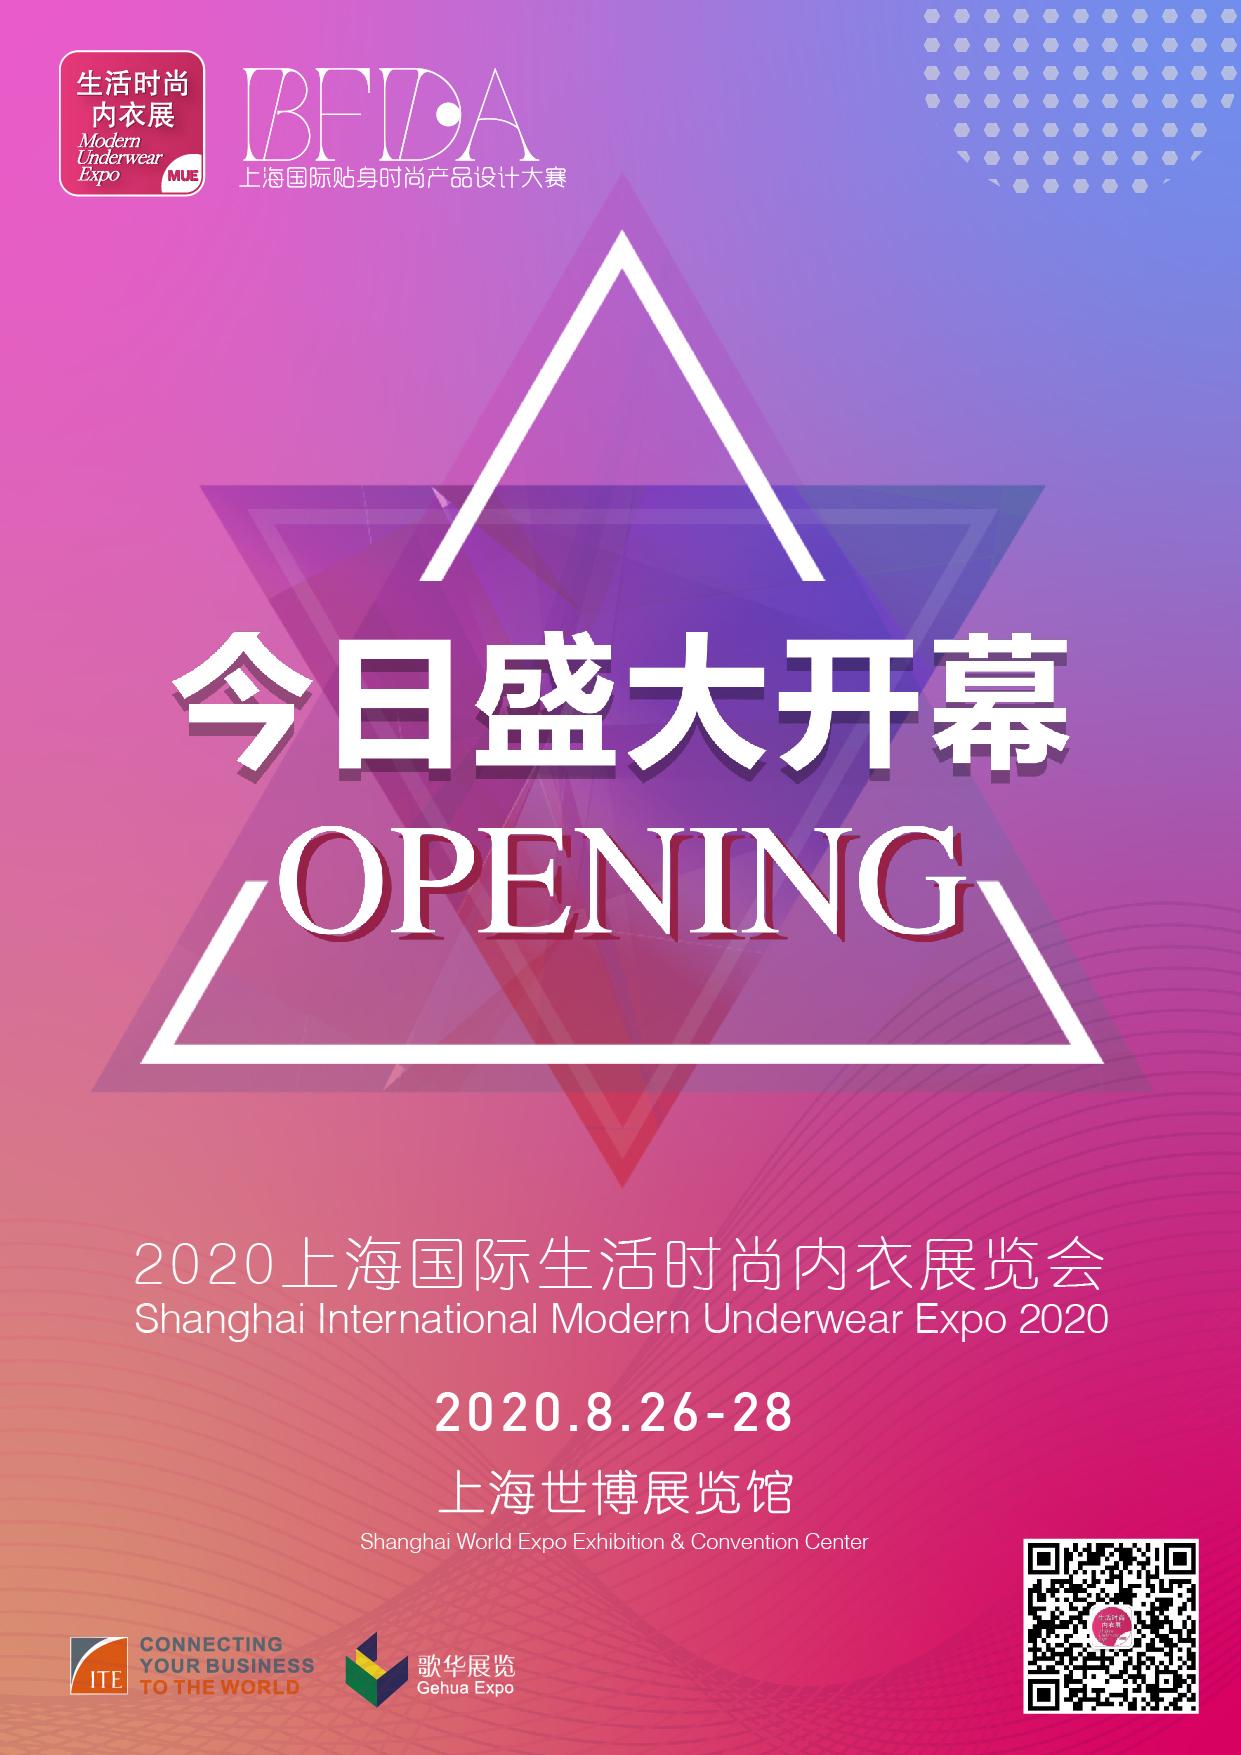 2020上海内衣展盛大开幕,带您领略华东地区专业贴身衣物平台